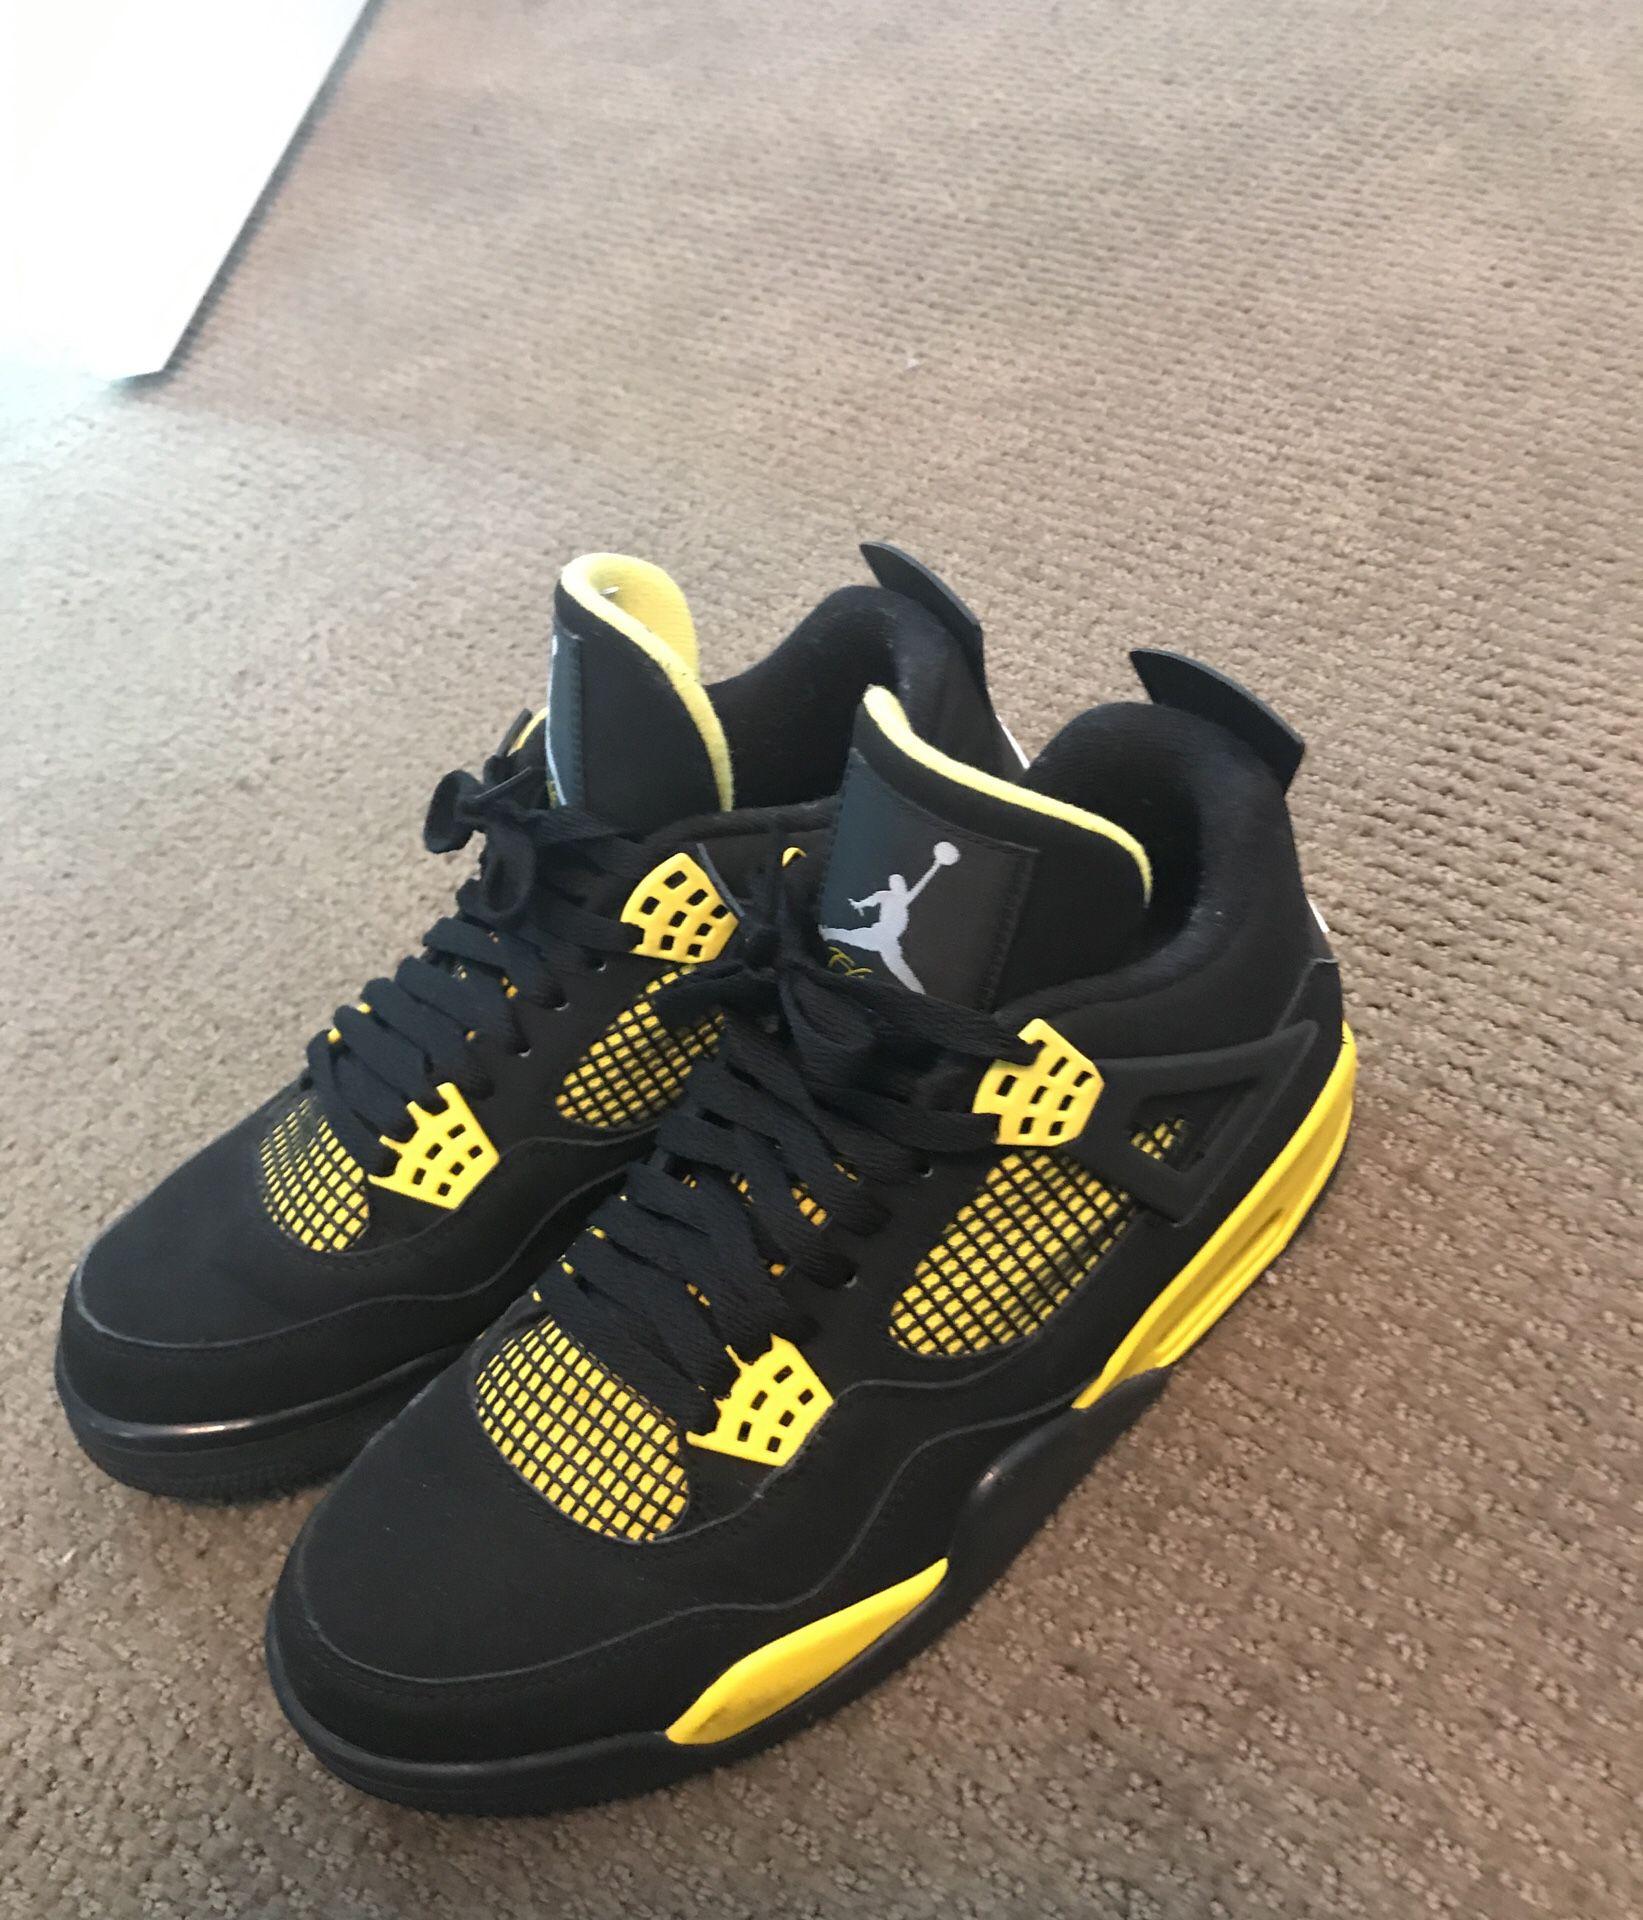 Jordan thunder 4s